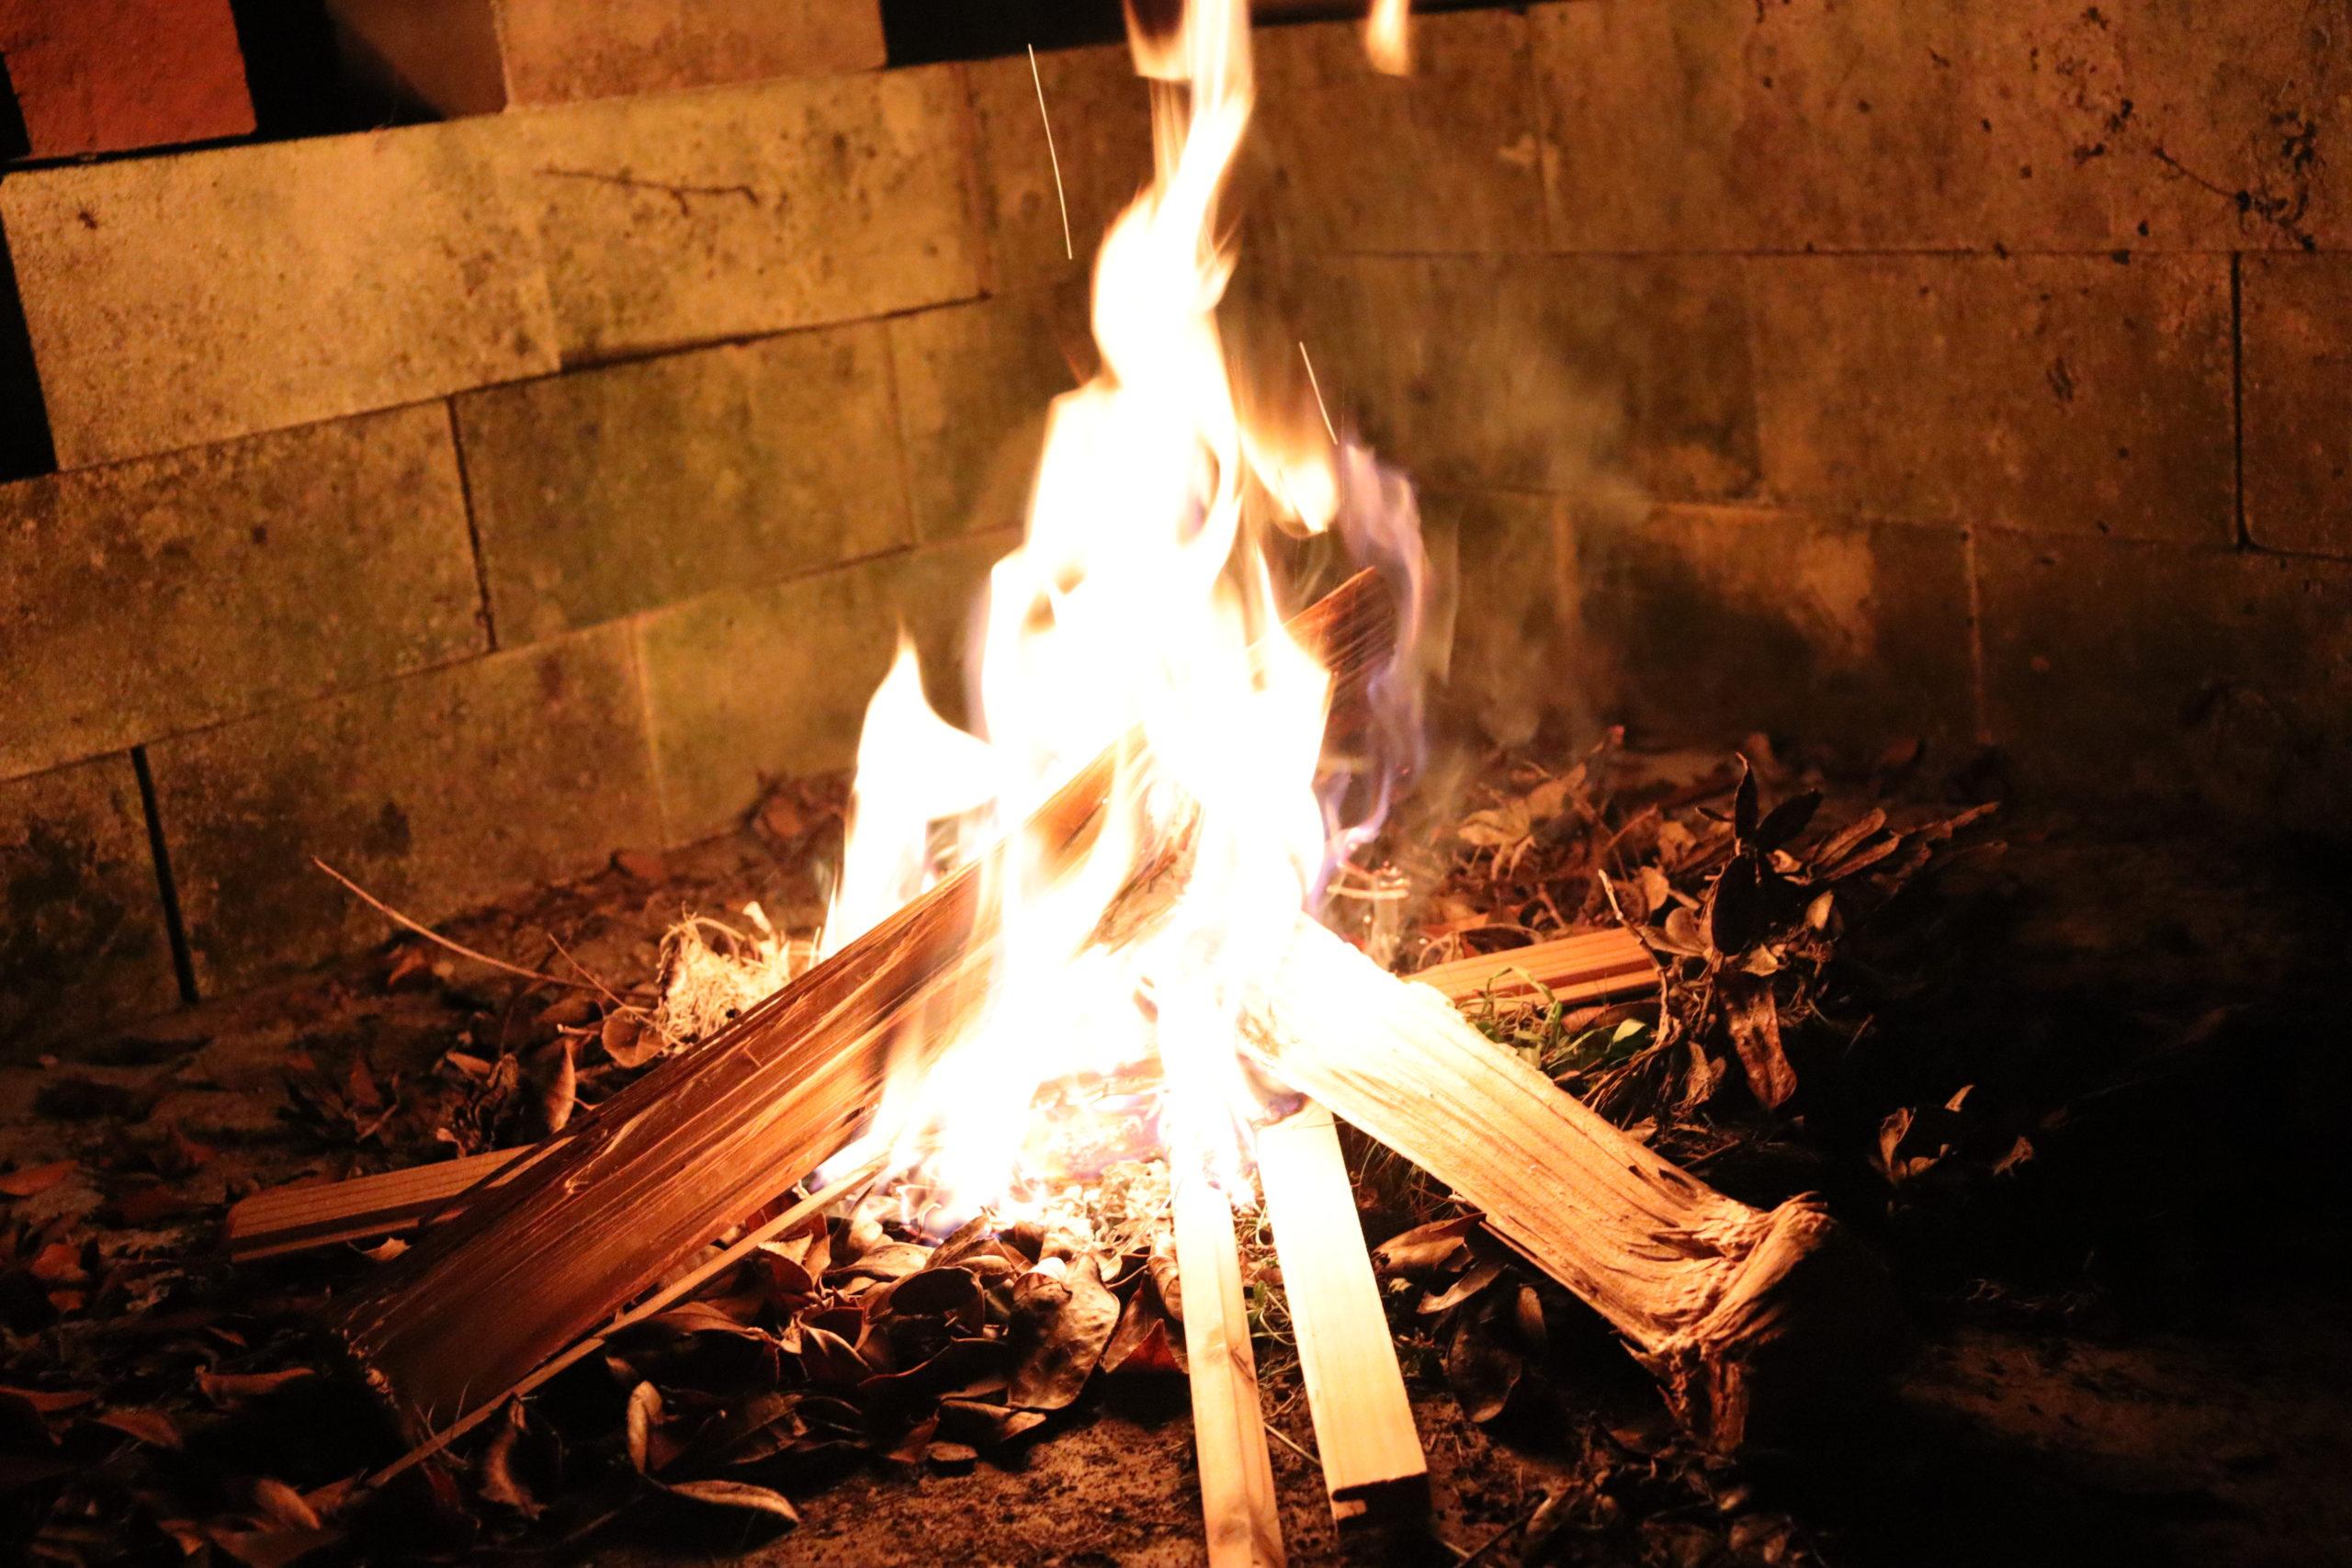 木頭杉の薪でキャンプファイヤー